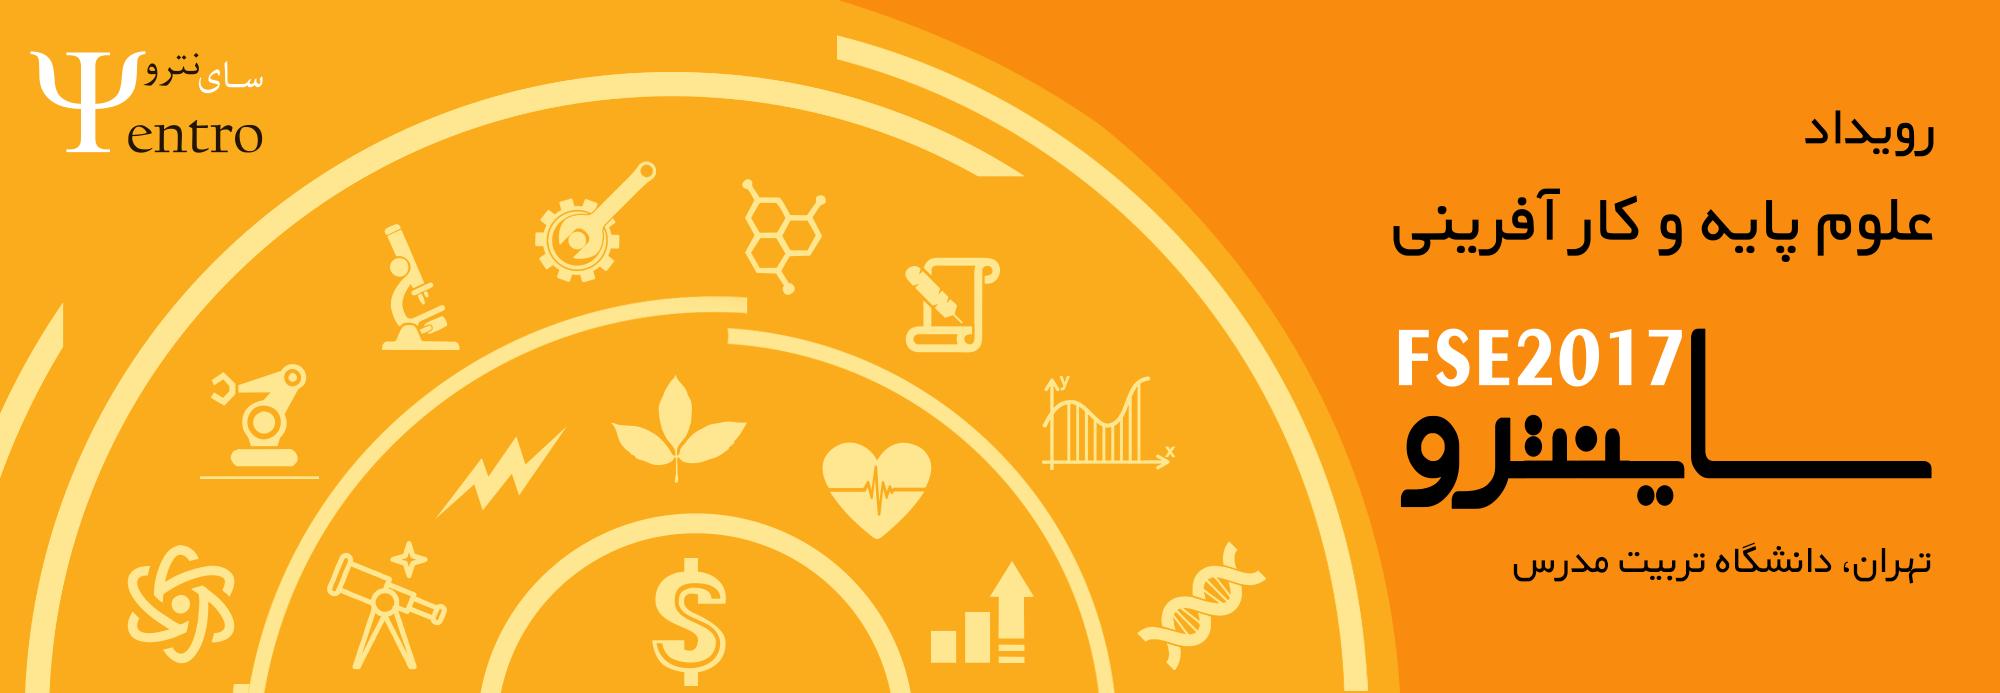 گزارش رویداد علومپایه و کارآفرینی ساینترو